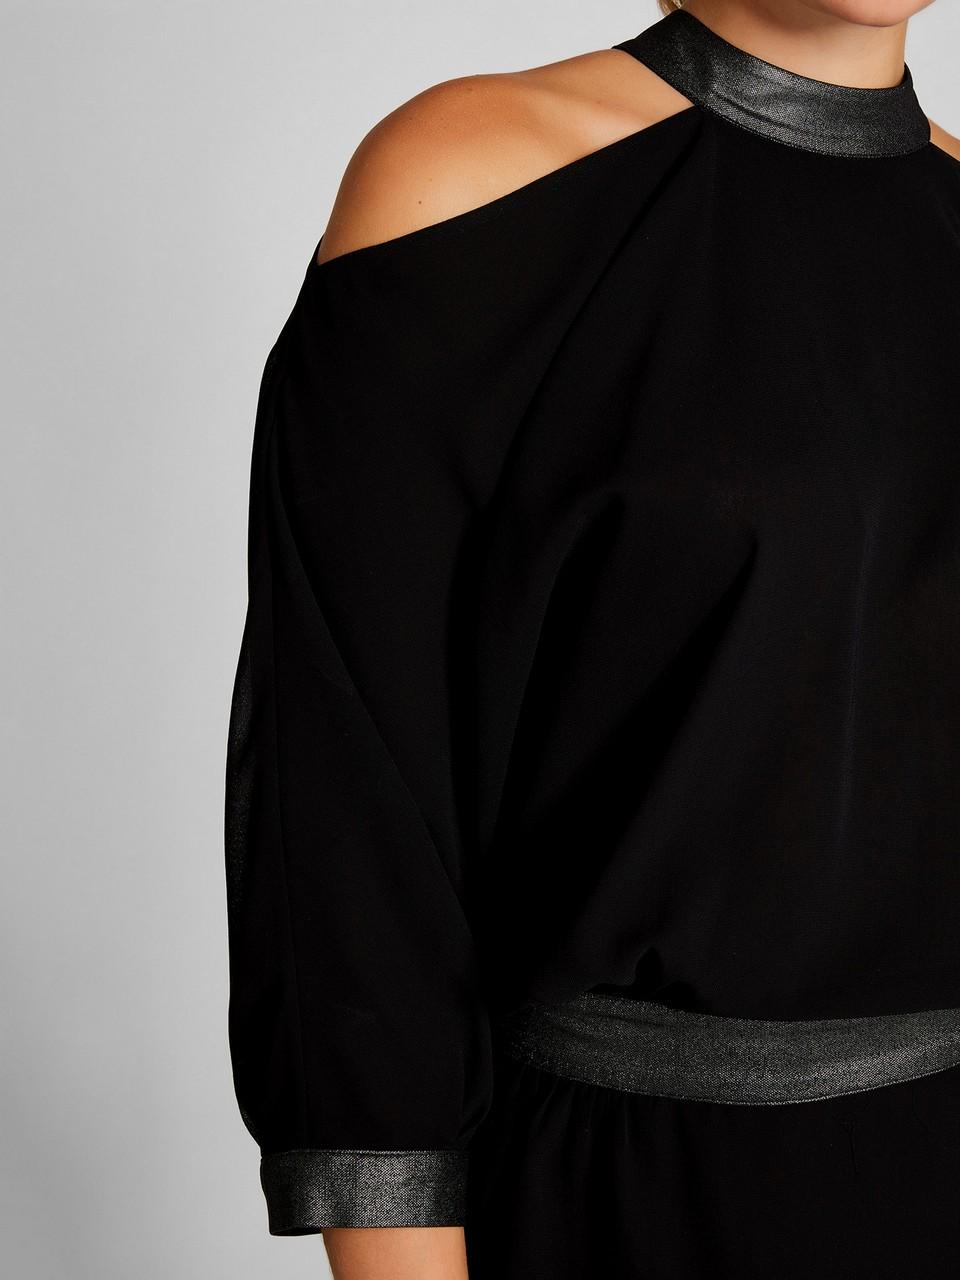 Omuzları Açık Sim Detaylı Bluz